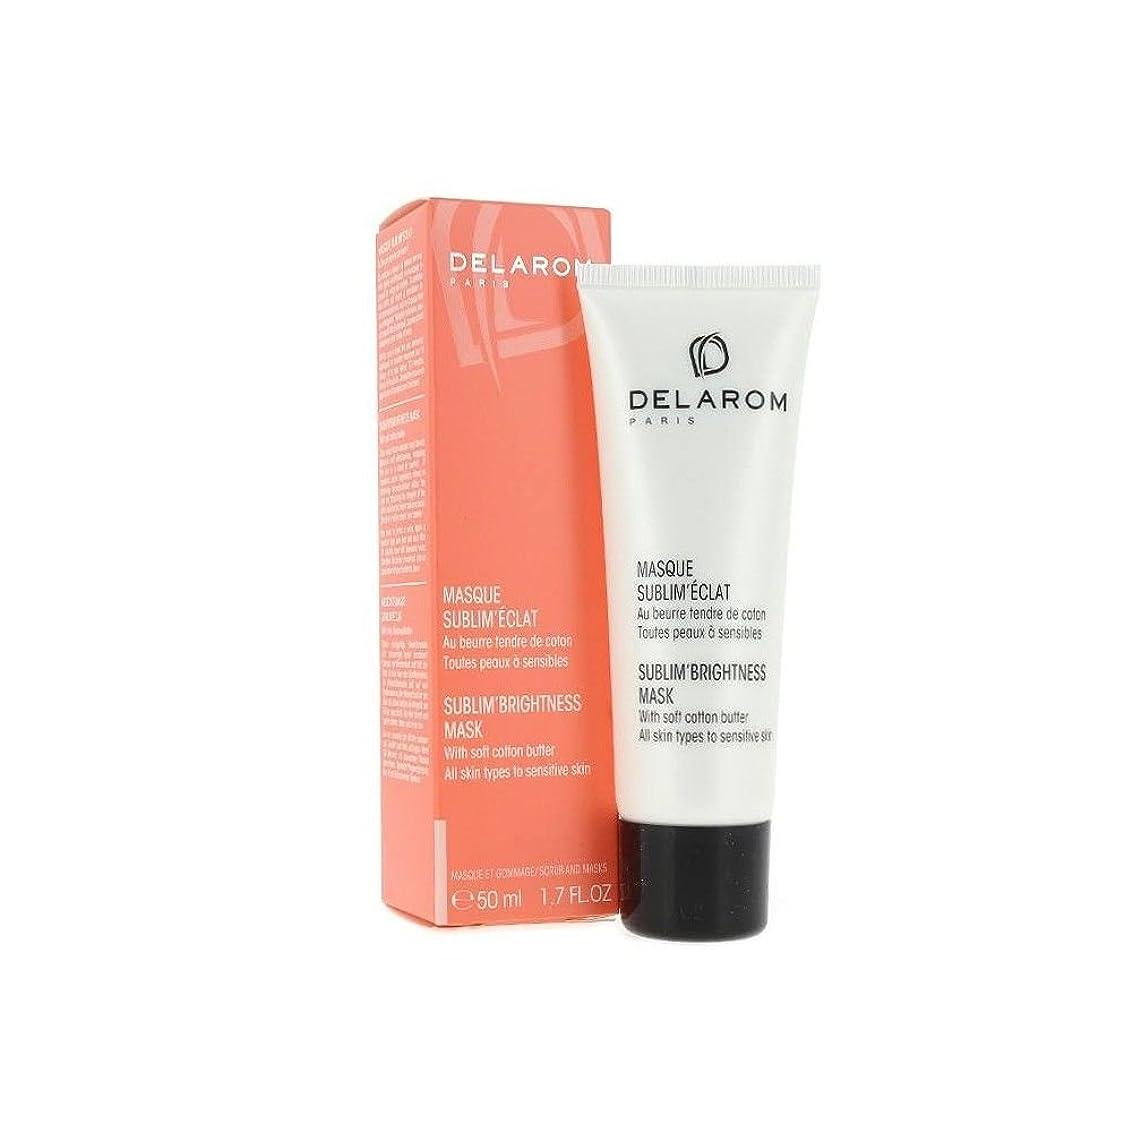 死の顎リングレット故障中DELAROM Sublim' Brightness Mask - For All Skin Types to Sensitive Skin 50ml/1.7oz並行輸入品